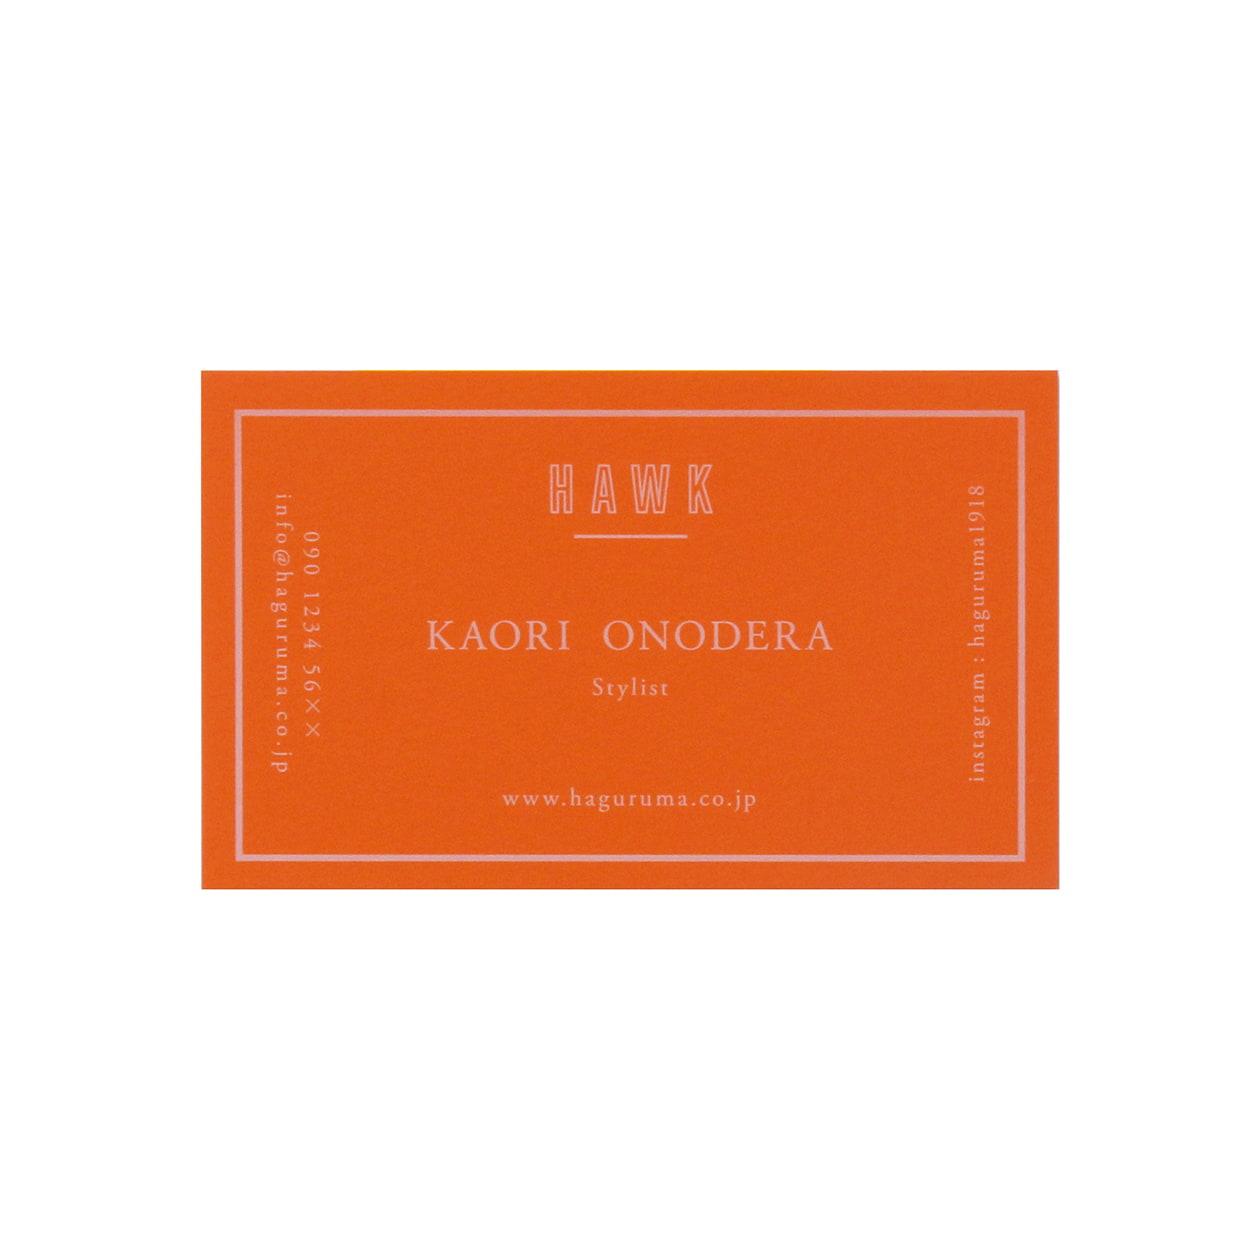 サンプル カード・シート 00356